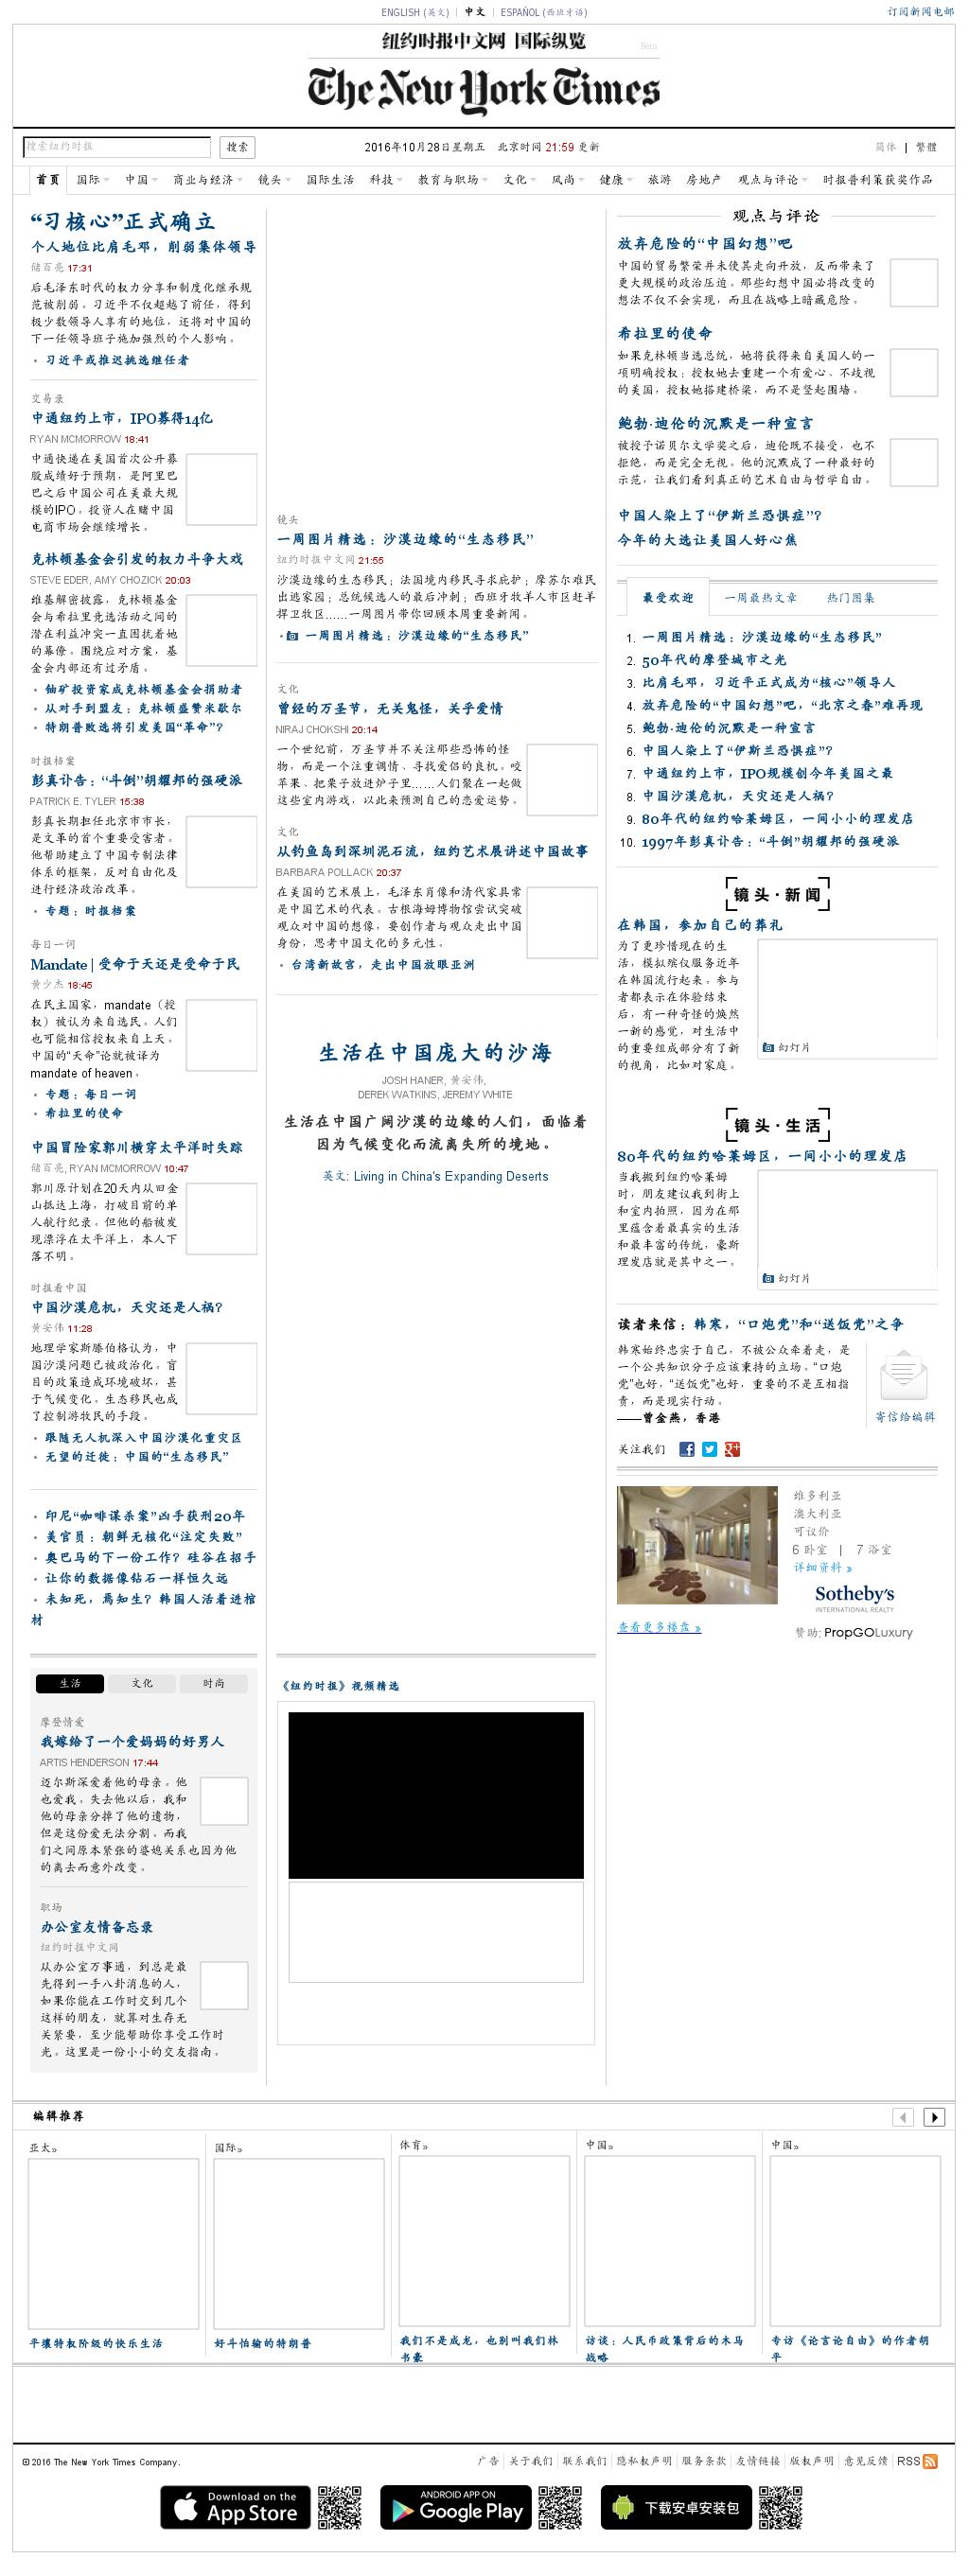 The New York Times (Chinese) at Saturday Oct. 29, 2016, 11:13 p.m. UTC